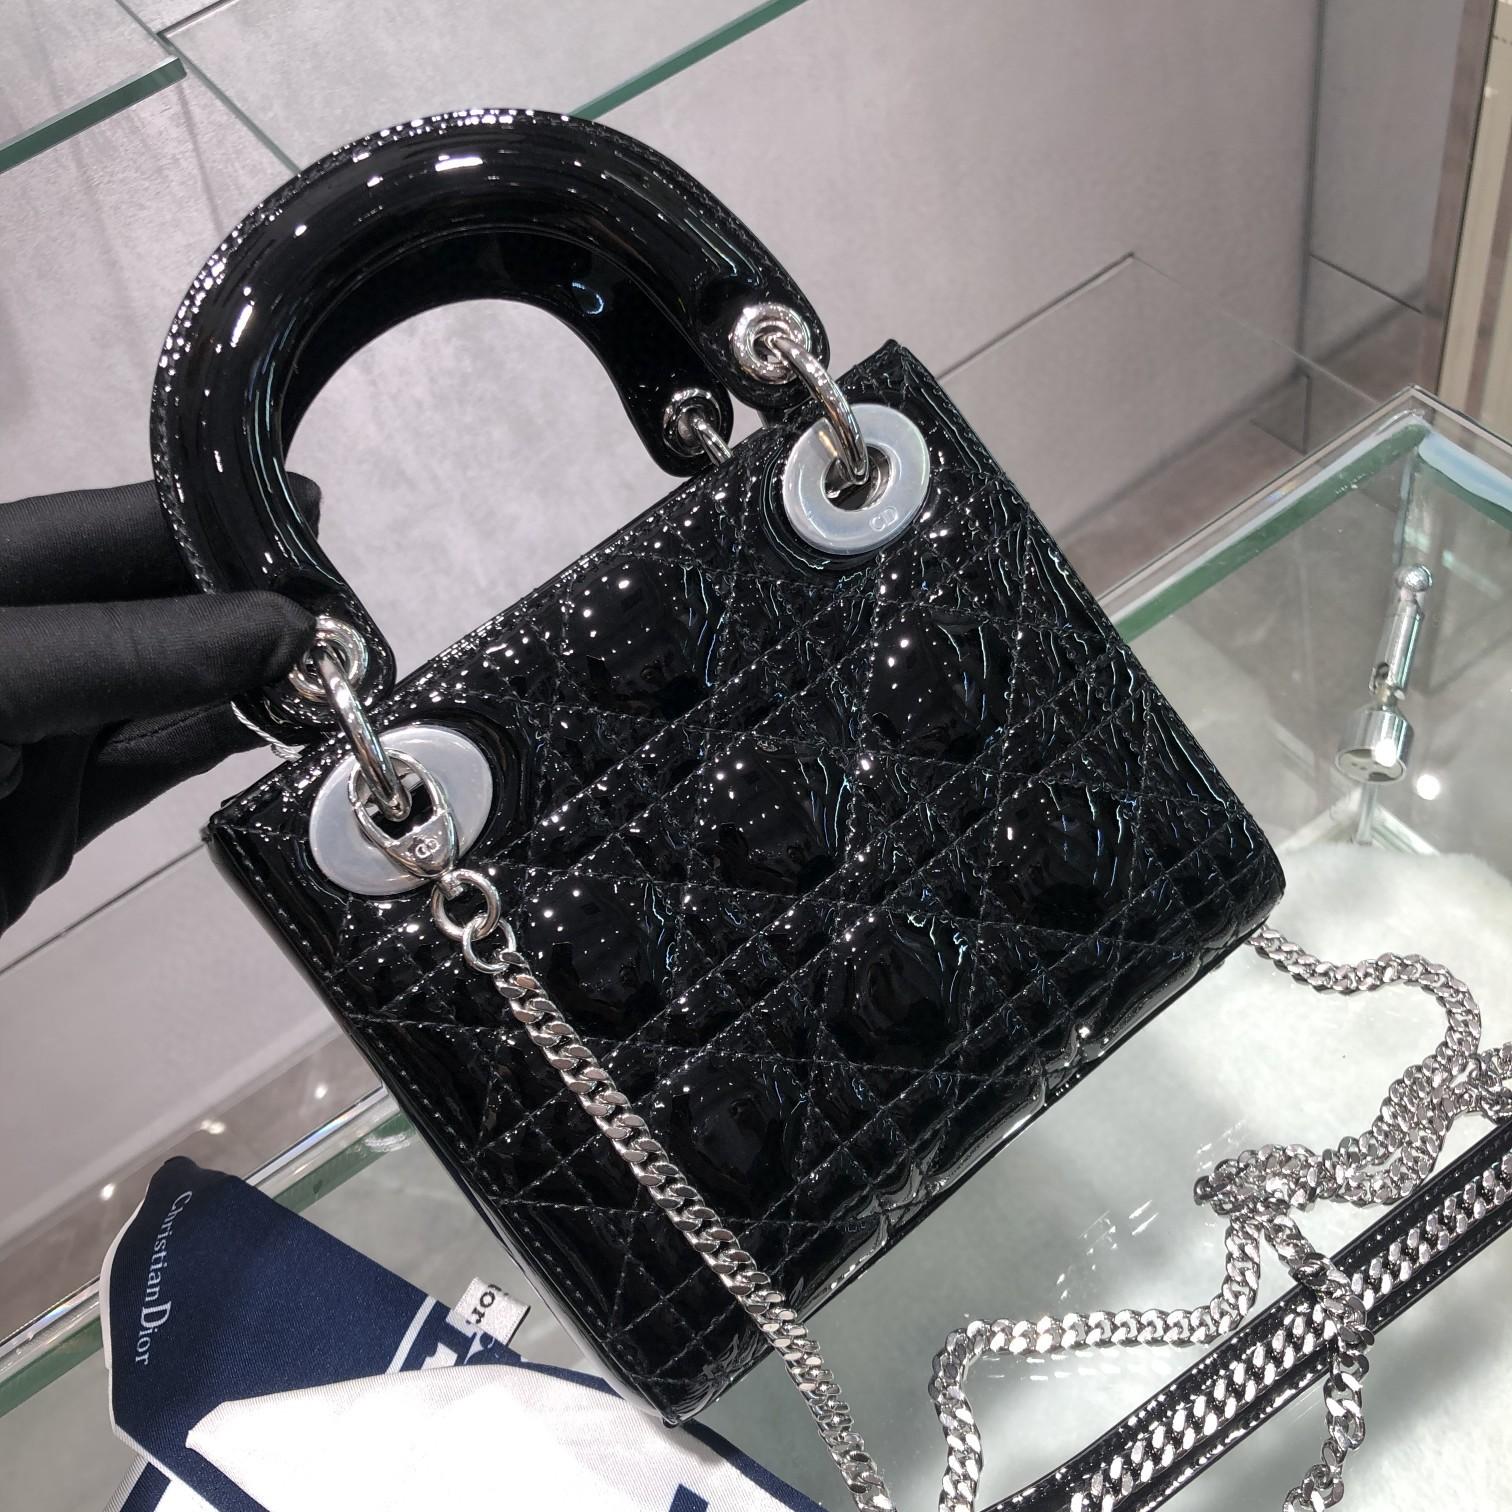 Dior 迪奥 Lady 三格 漆皮 黑色 银扣 17cm